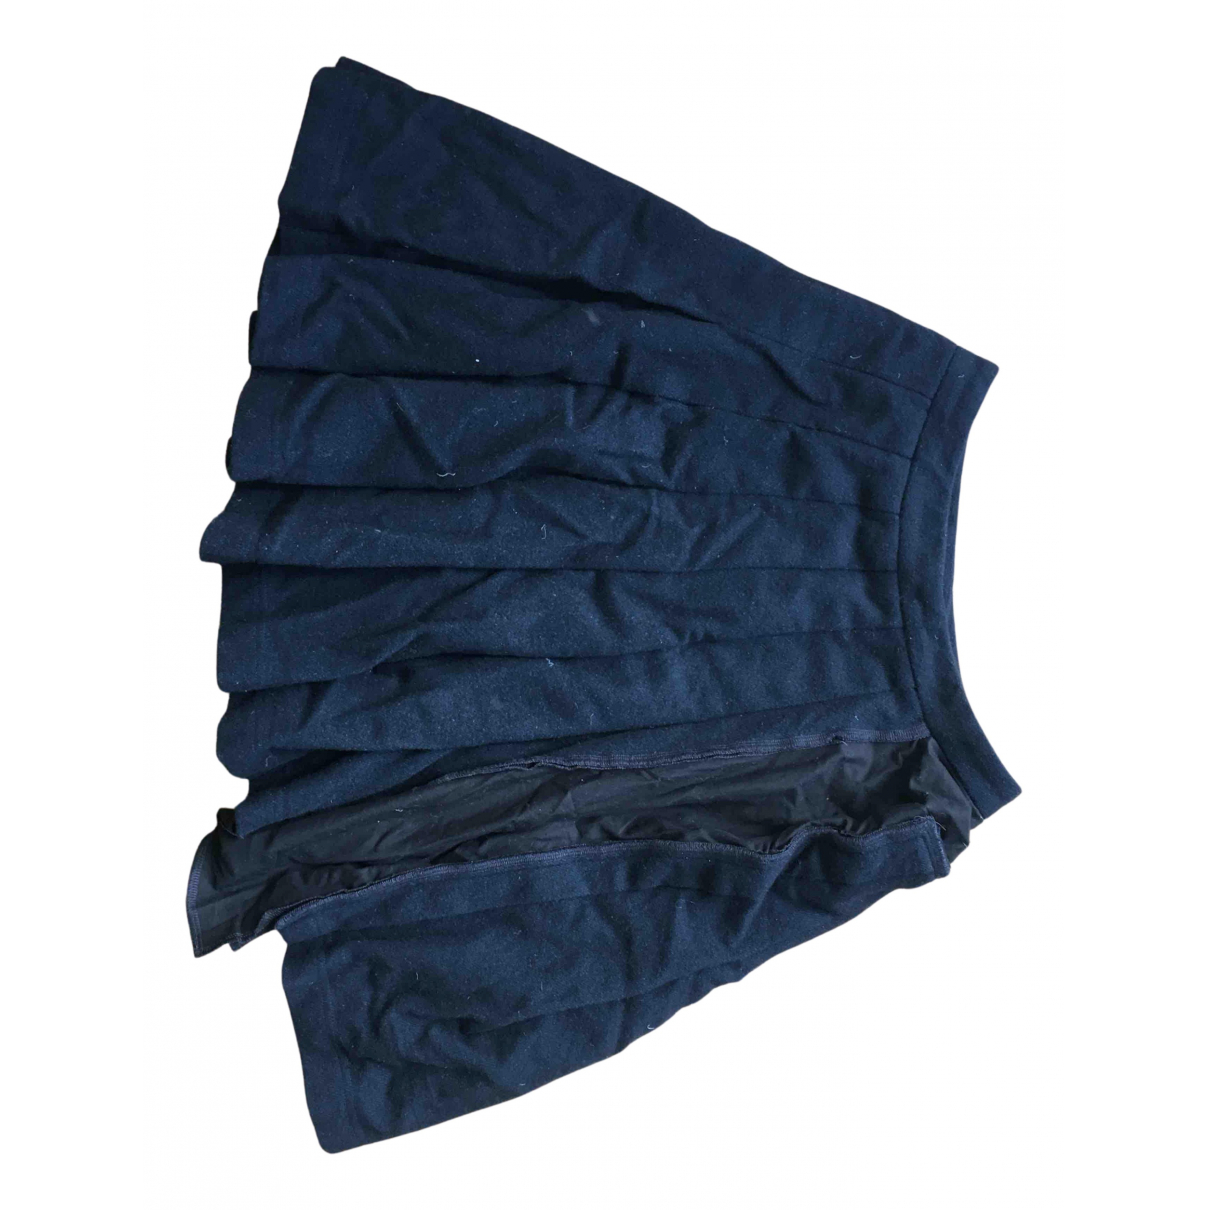 Comme Des Garcons X H&m - Jupe   pour femme en laine - noir